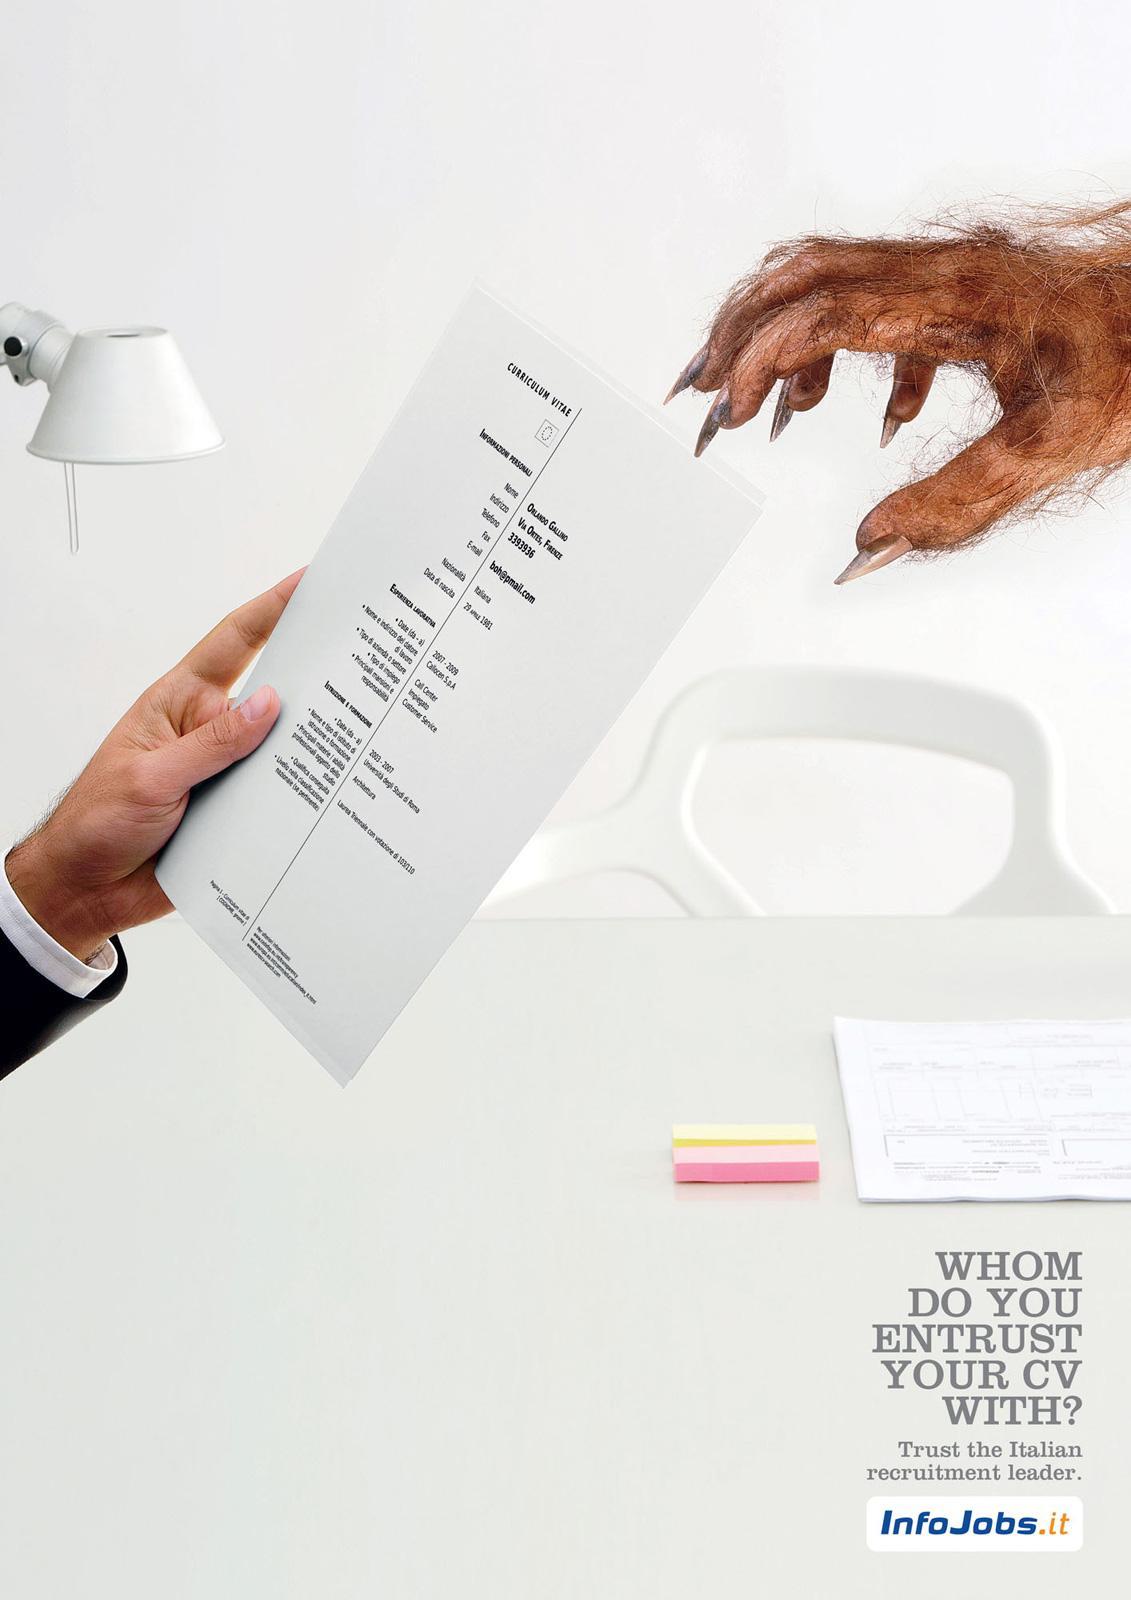 InfoJobs.it Print Ad -  Werewolf